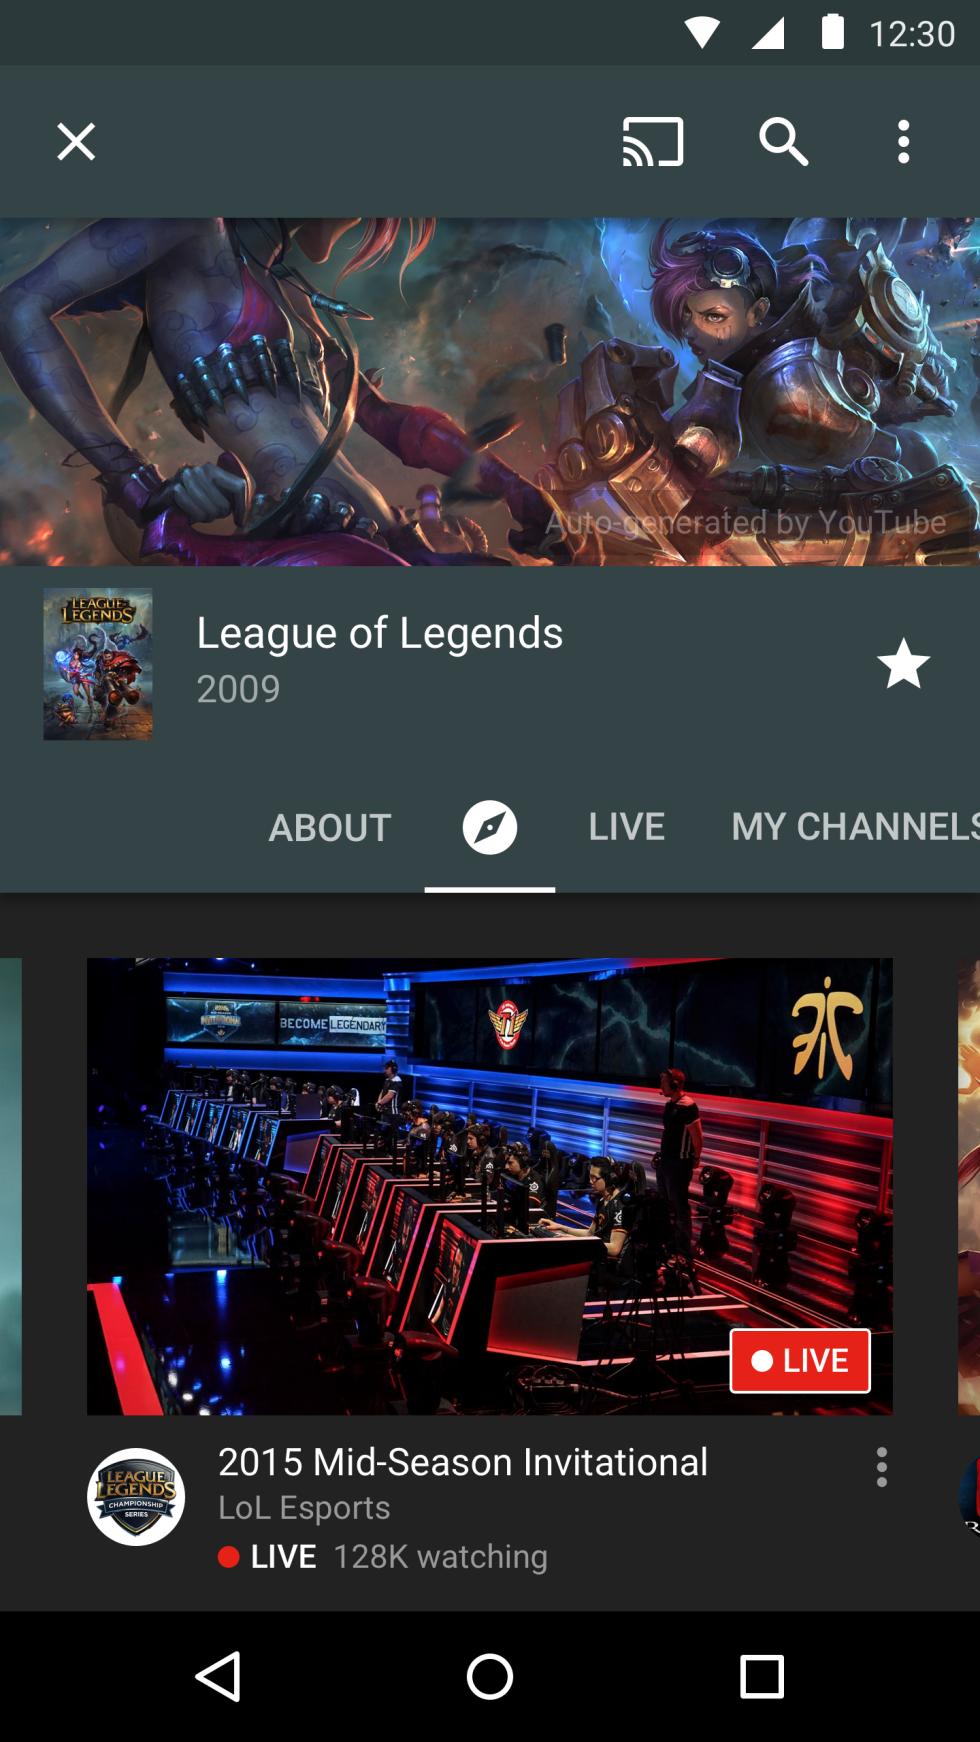 Yt Gaming App